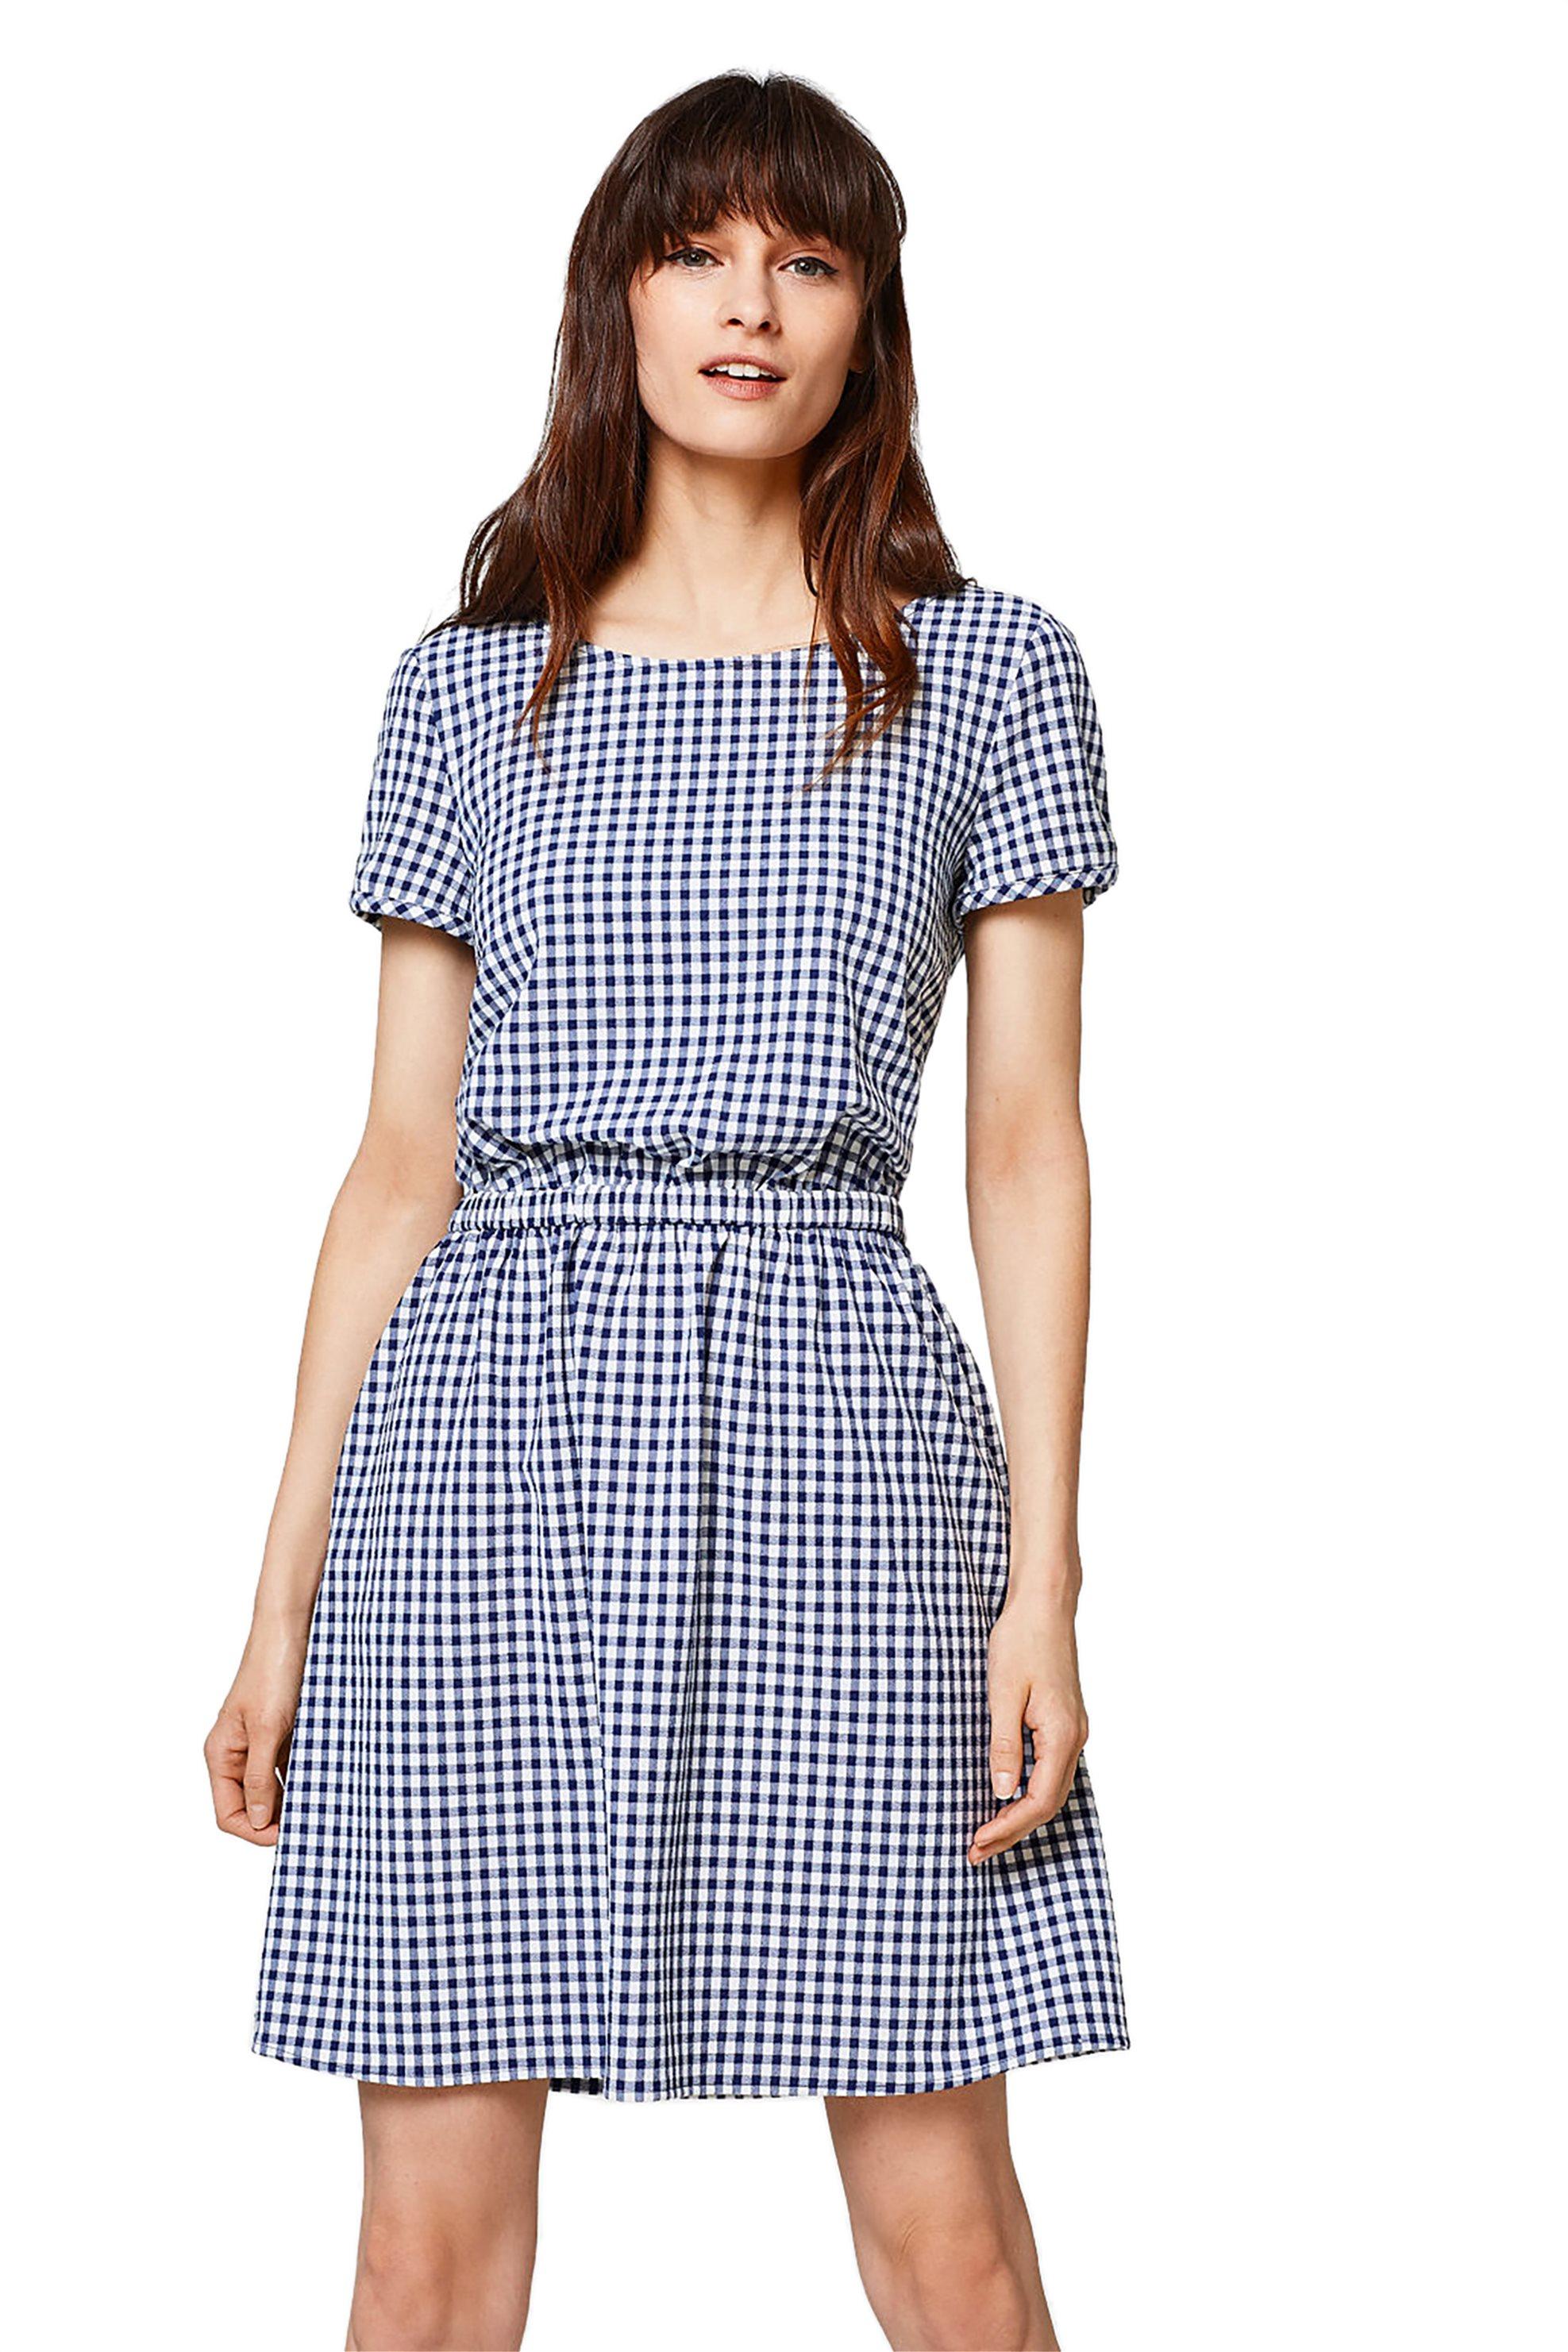 Γυναικείο καρό φόρεμα με λάστιχο στη μέση και άνοιγμα στην πλάτη Esprit - 028EE1 γυναικα   ρουχα   φορέματα   mini φορέματα